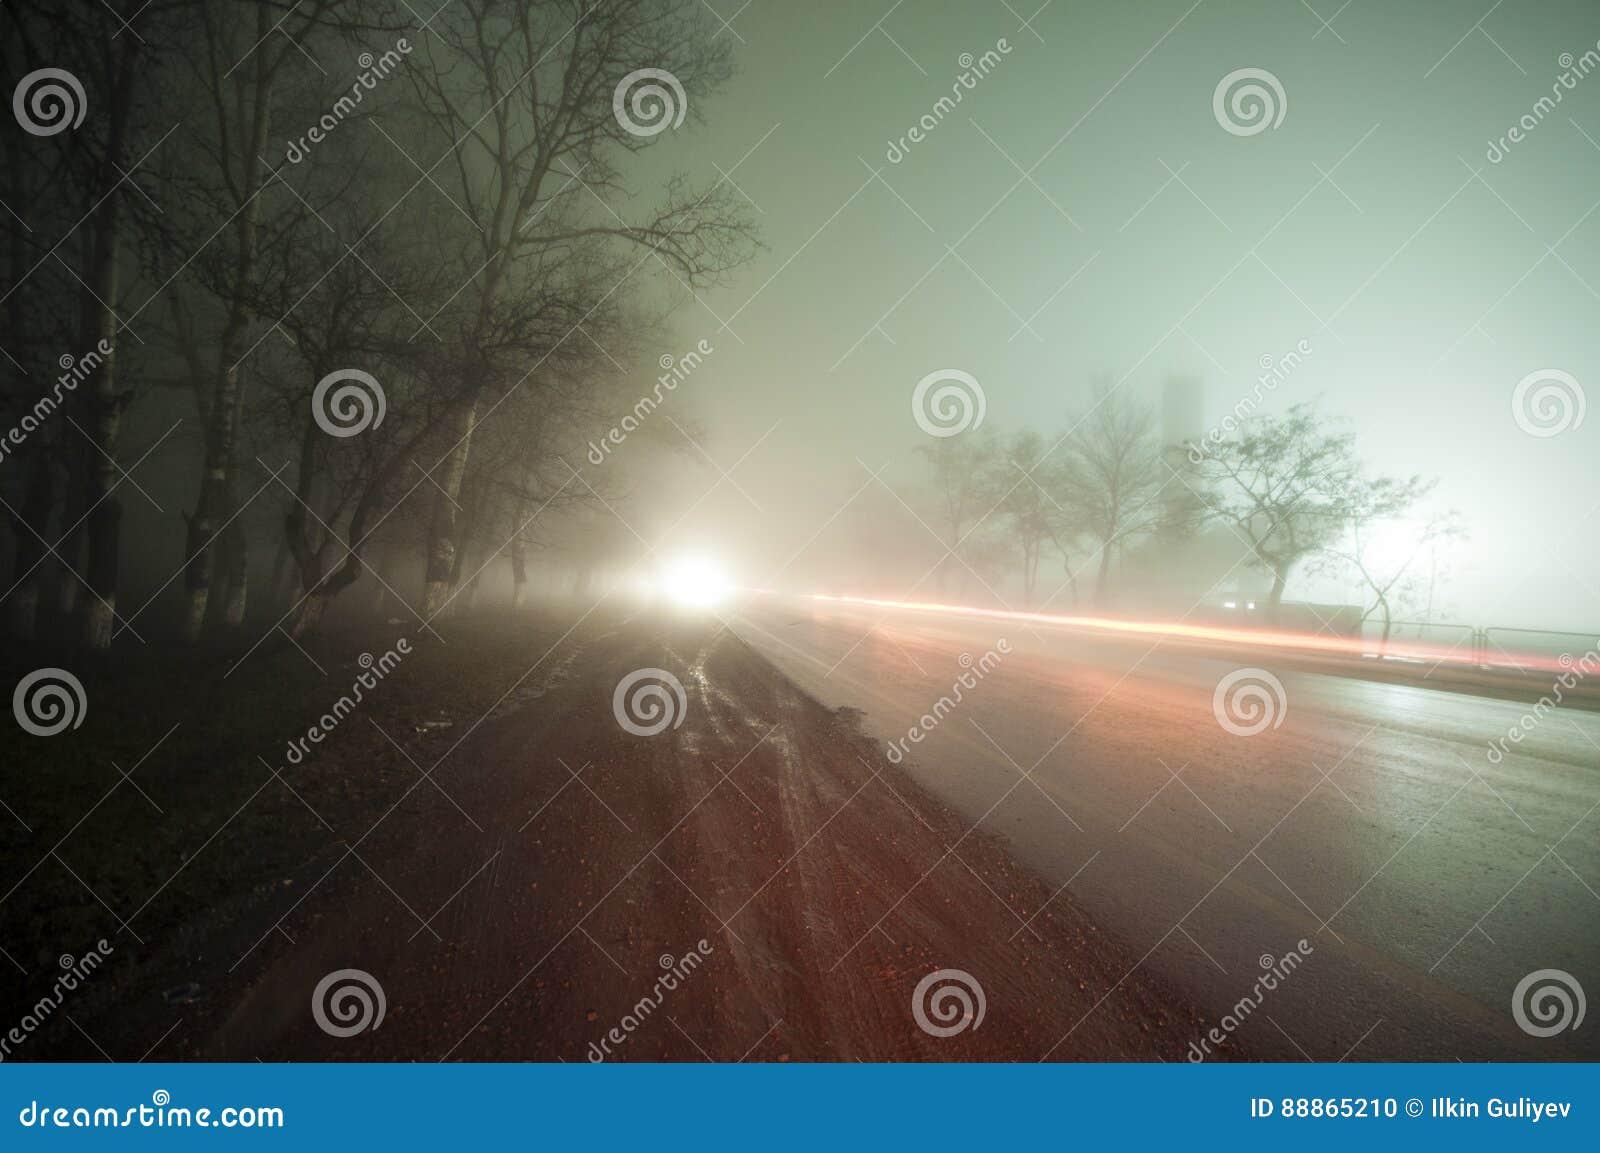 Όμορφο τοπίο νύχτας του ομιχλώδους δρόμου σε ένα σκοτεινό δάσος μετά από τη βροχή φλυάρων